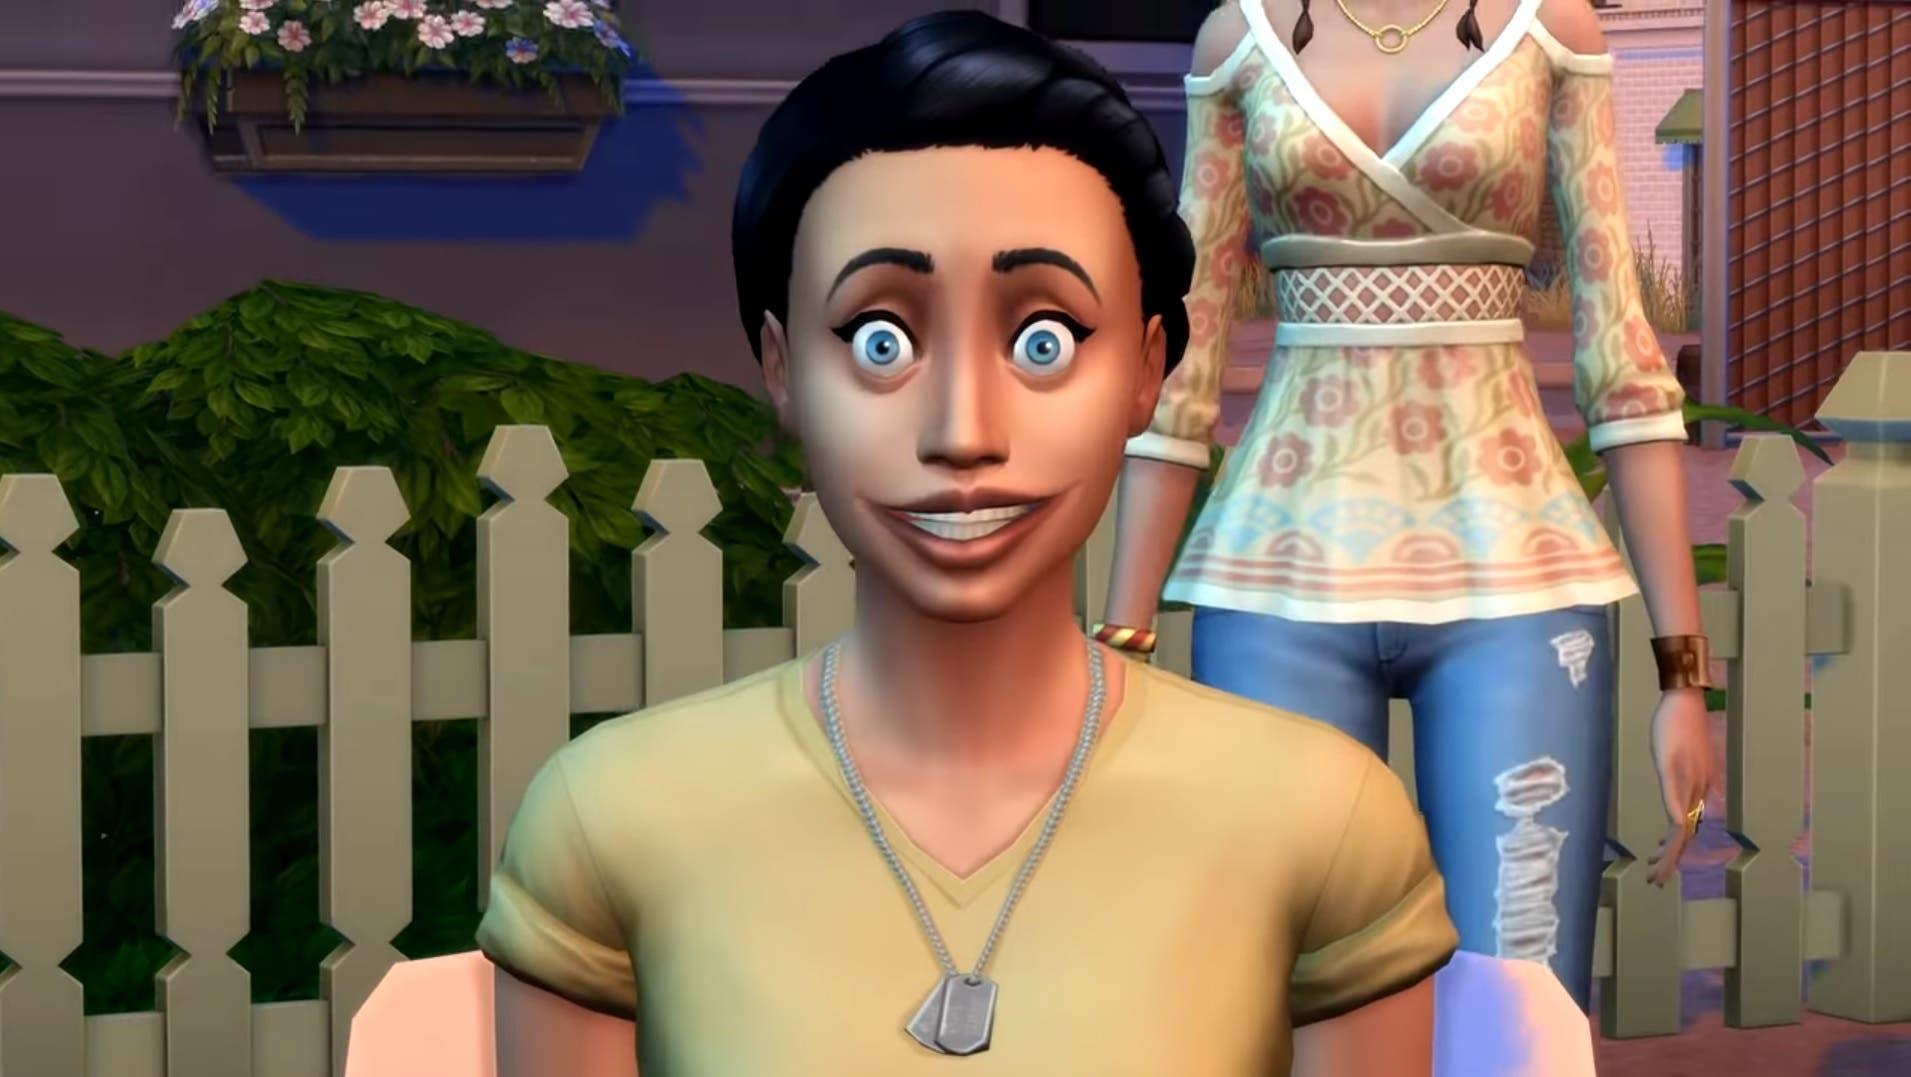 Imagen de Los Sims 4 permitirá construir casas de una forma diferente en su nuevo pack de accesorios